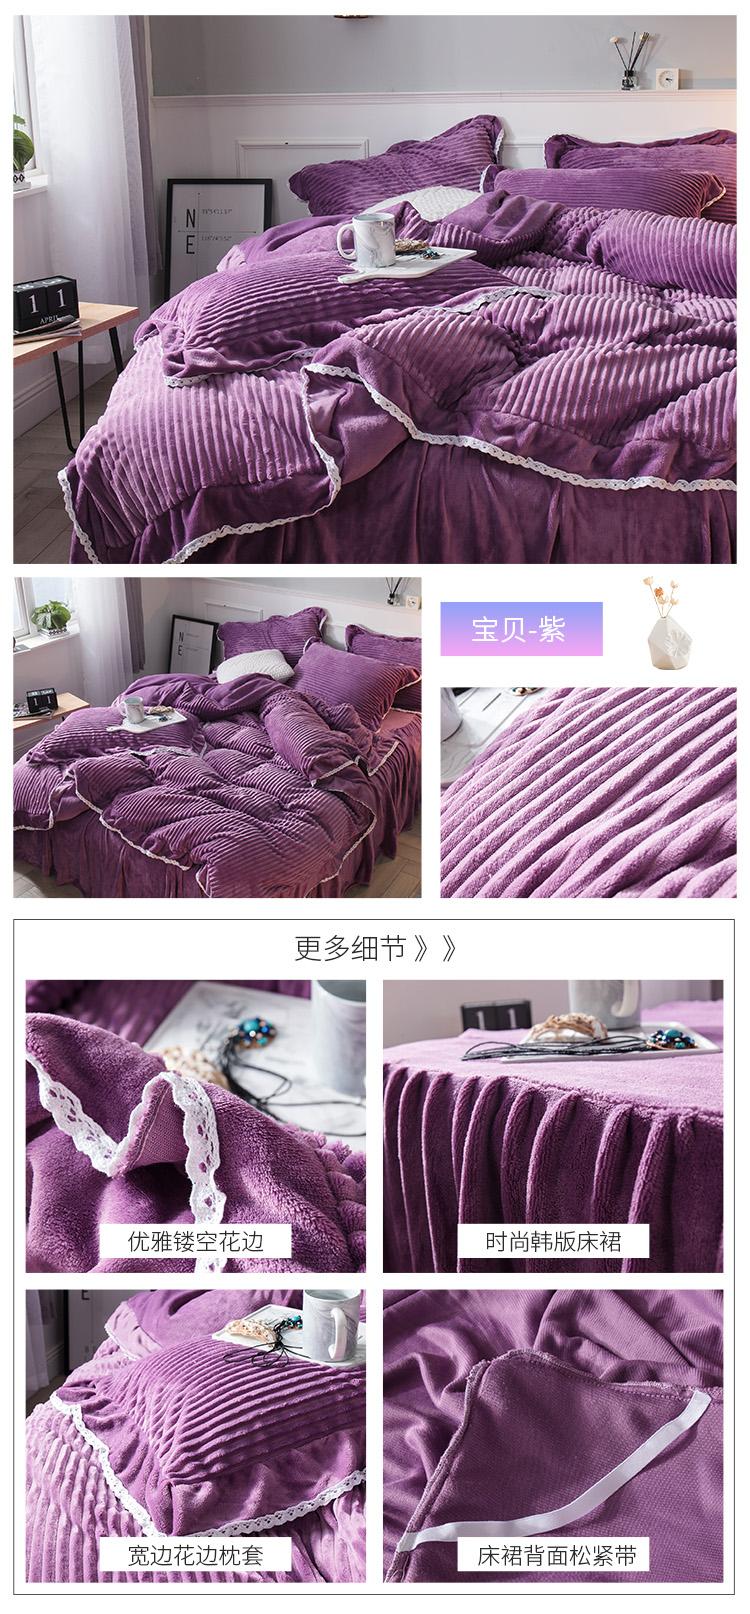 宝贝-紫750.jpg